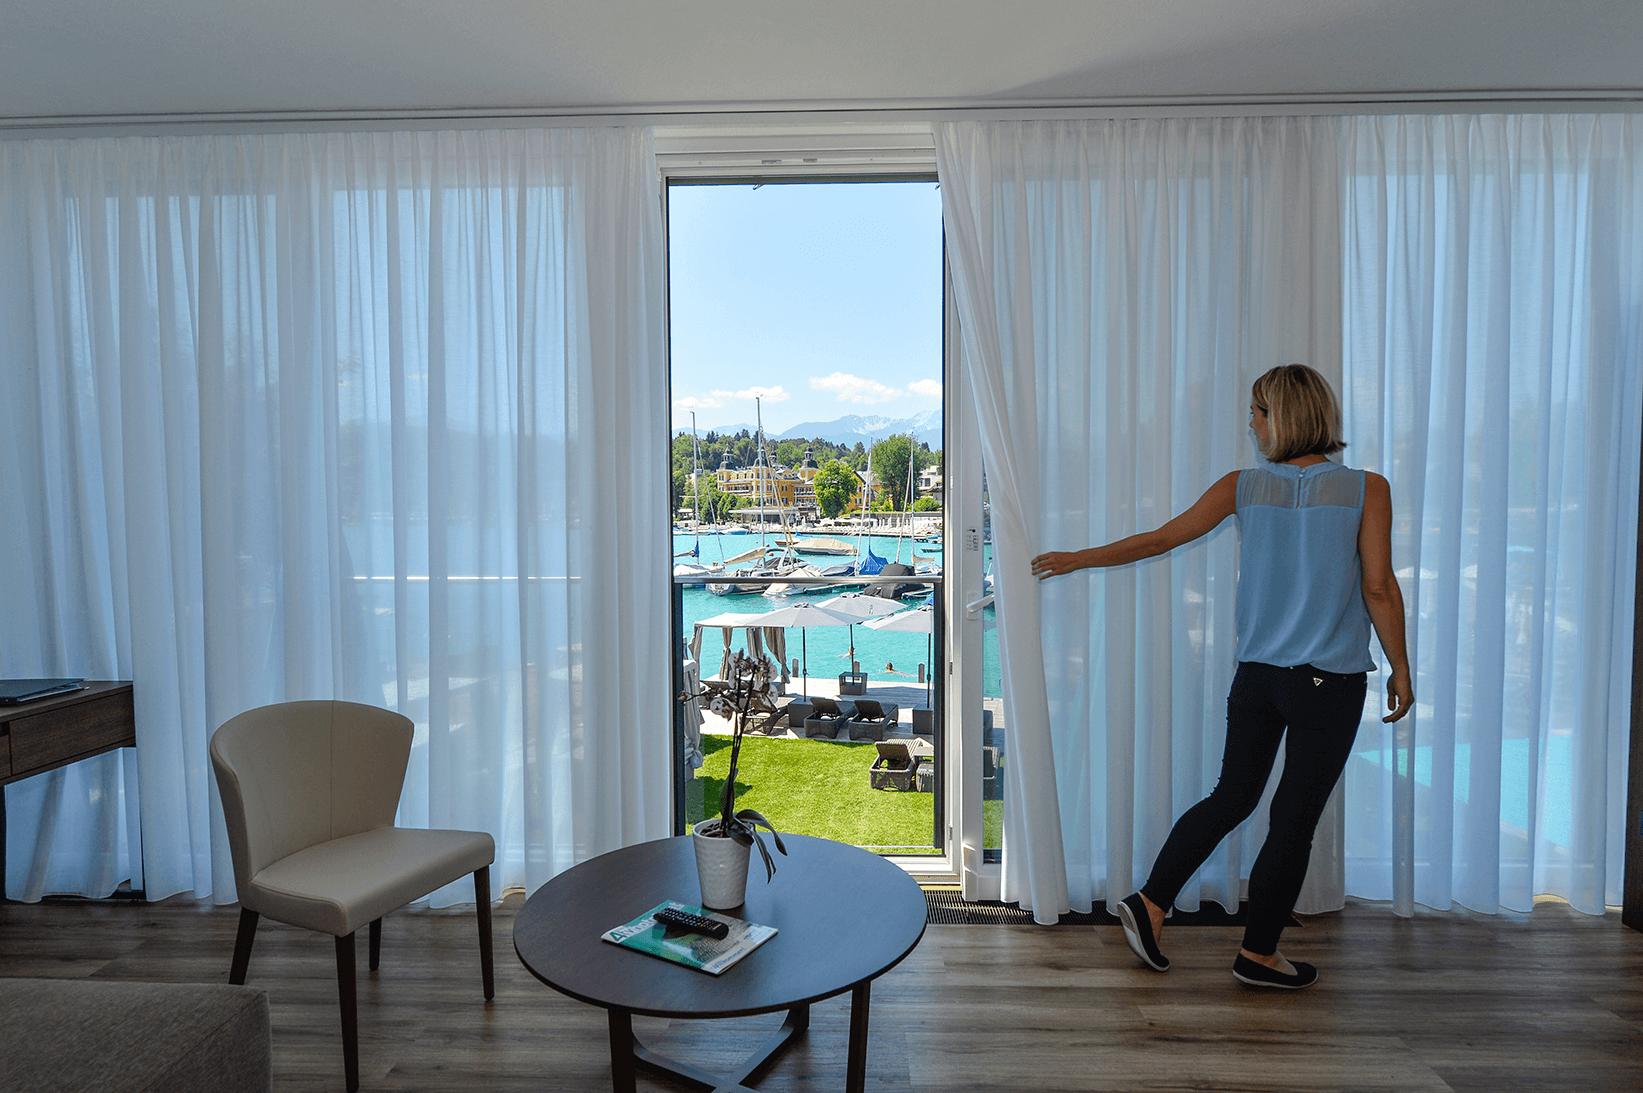 Suite mit französischem Balkon_Erdgeschoß mit direktem Seeblick_Boutiquehotel_Wörthersee